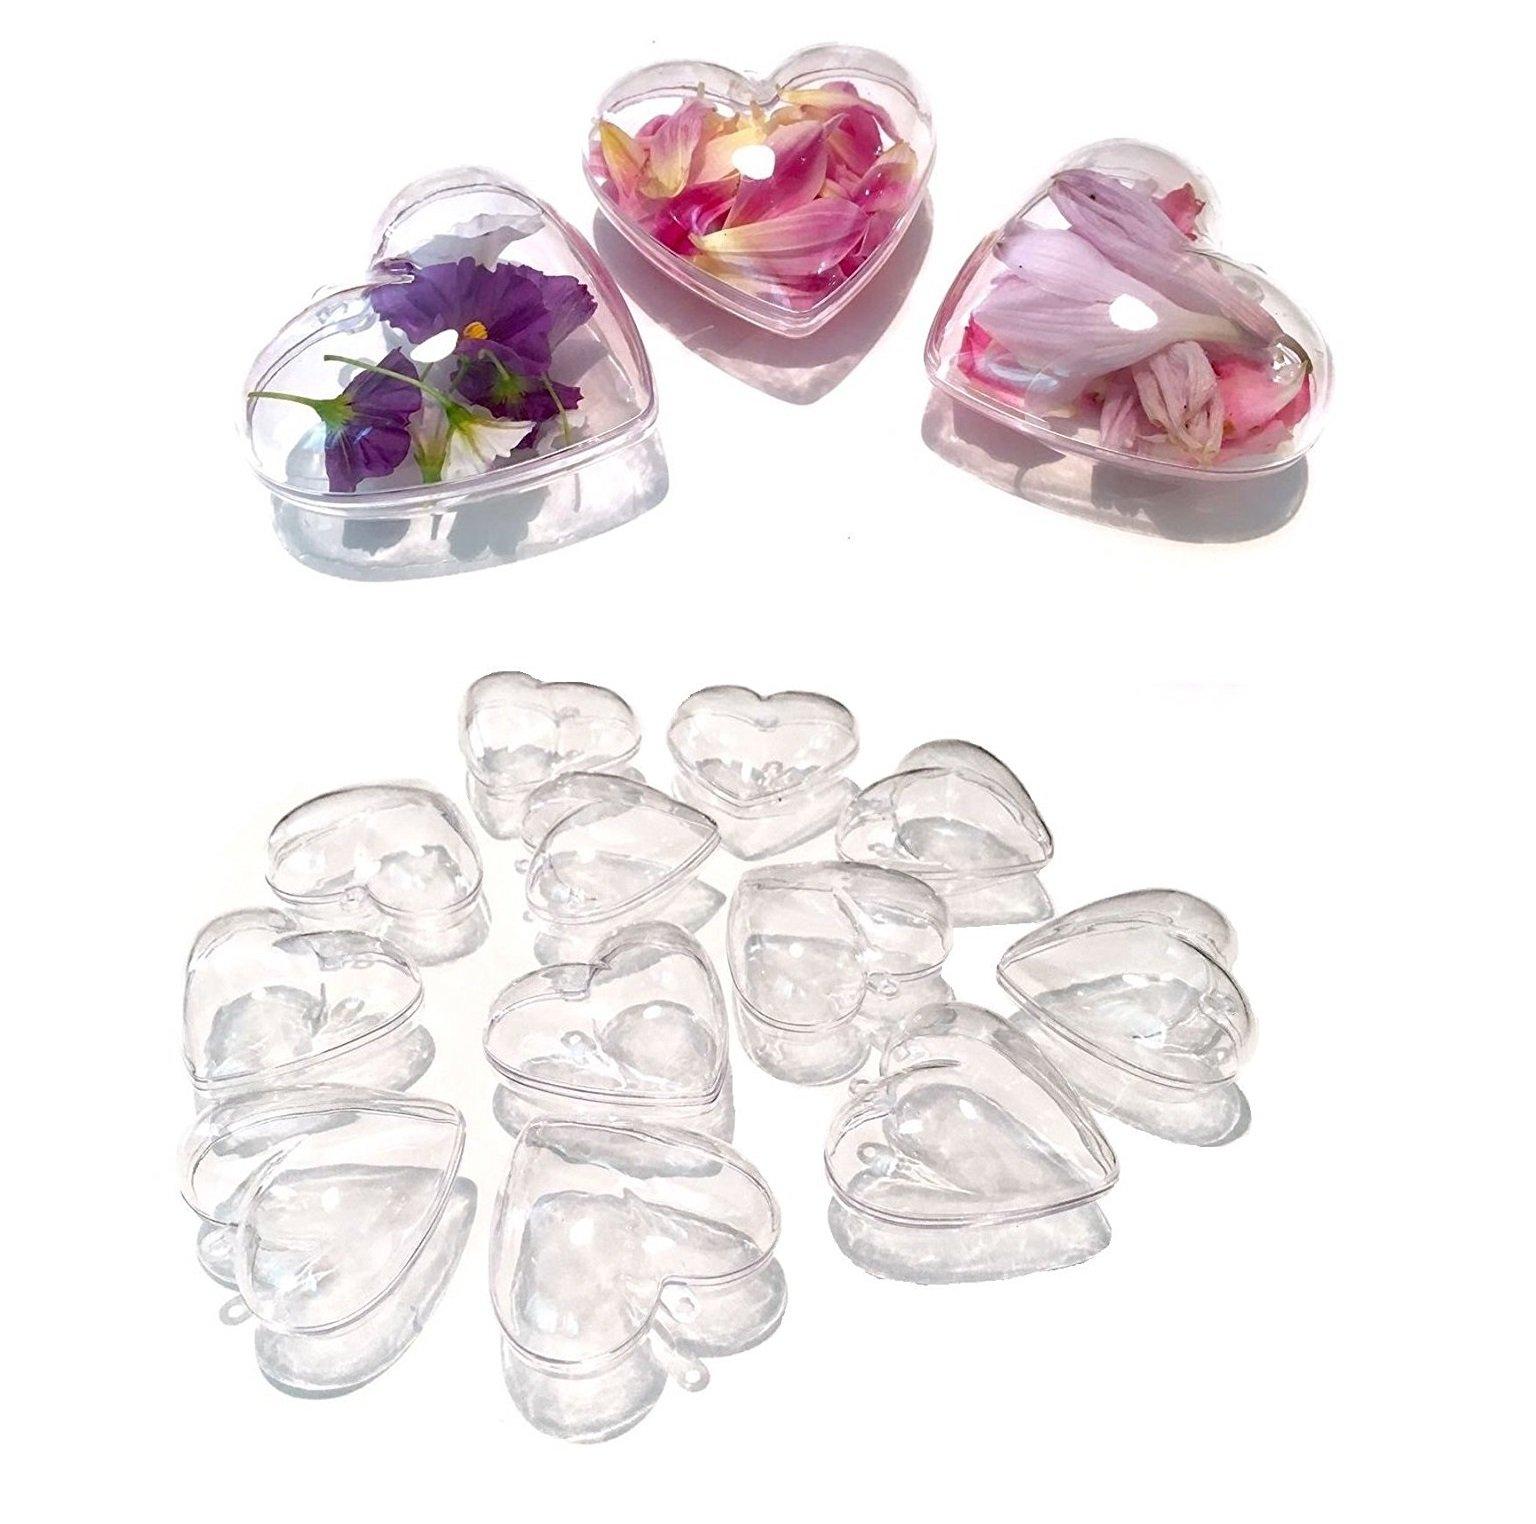 CRYSTAL-KING-10-Stck-Acryl-Kugeln-Herzen-10-cm-gro-Bastel-Kugeln-Acrylkugel-transparent-teilbar-durchsichtig-Kunstoff-Kugel-Acryl-Herz-Acrylic-Ball-Acrylkugeln-100mm